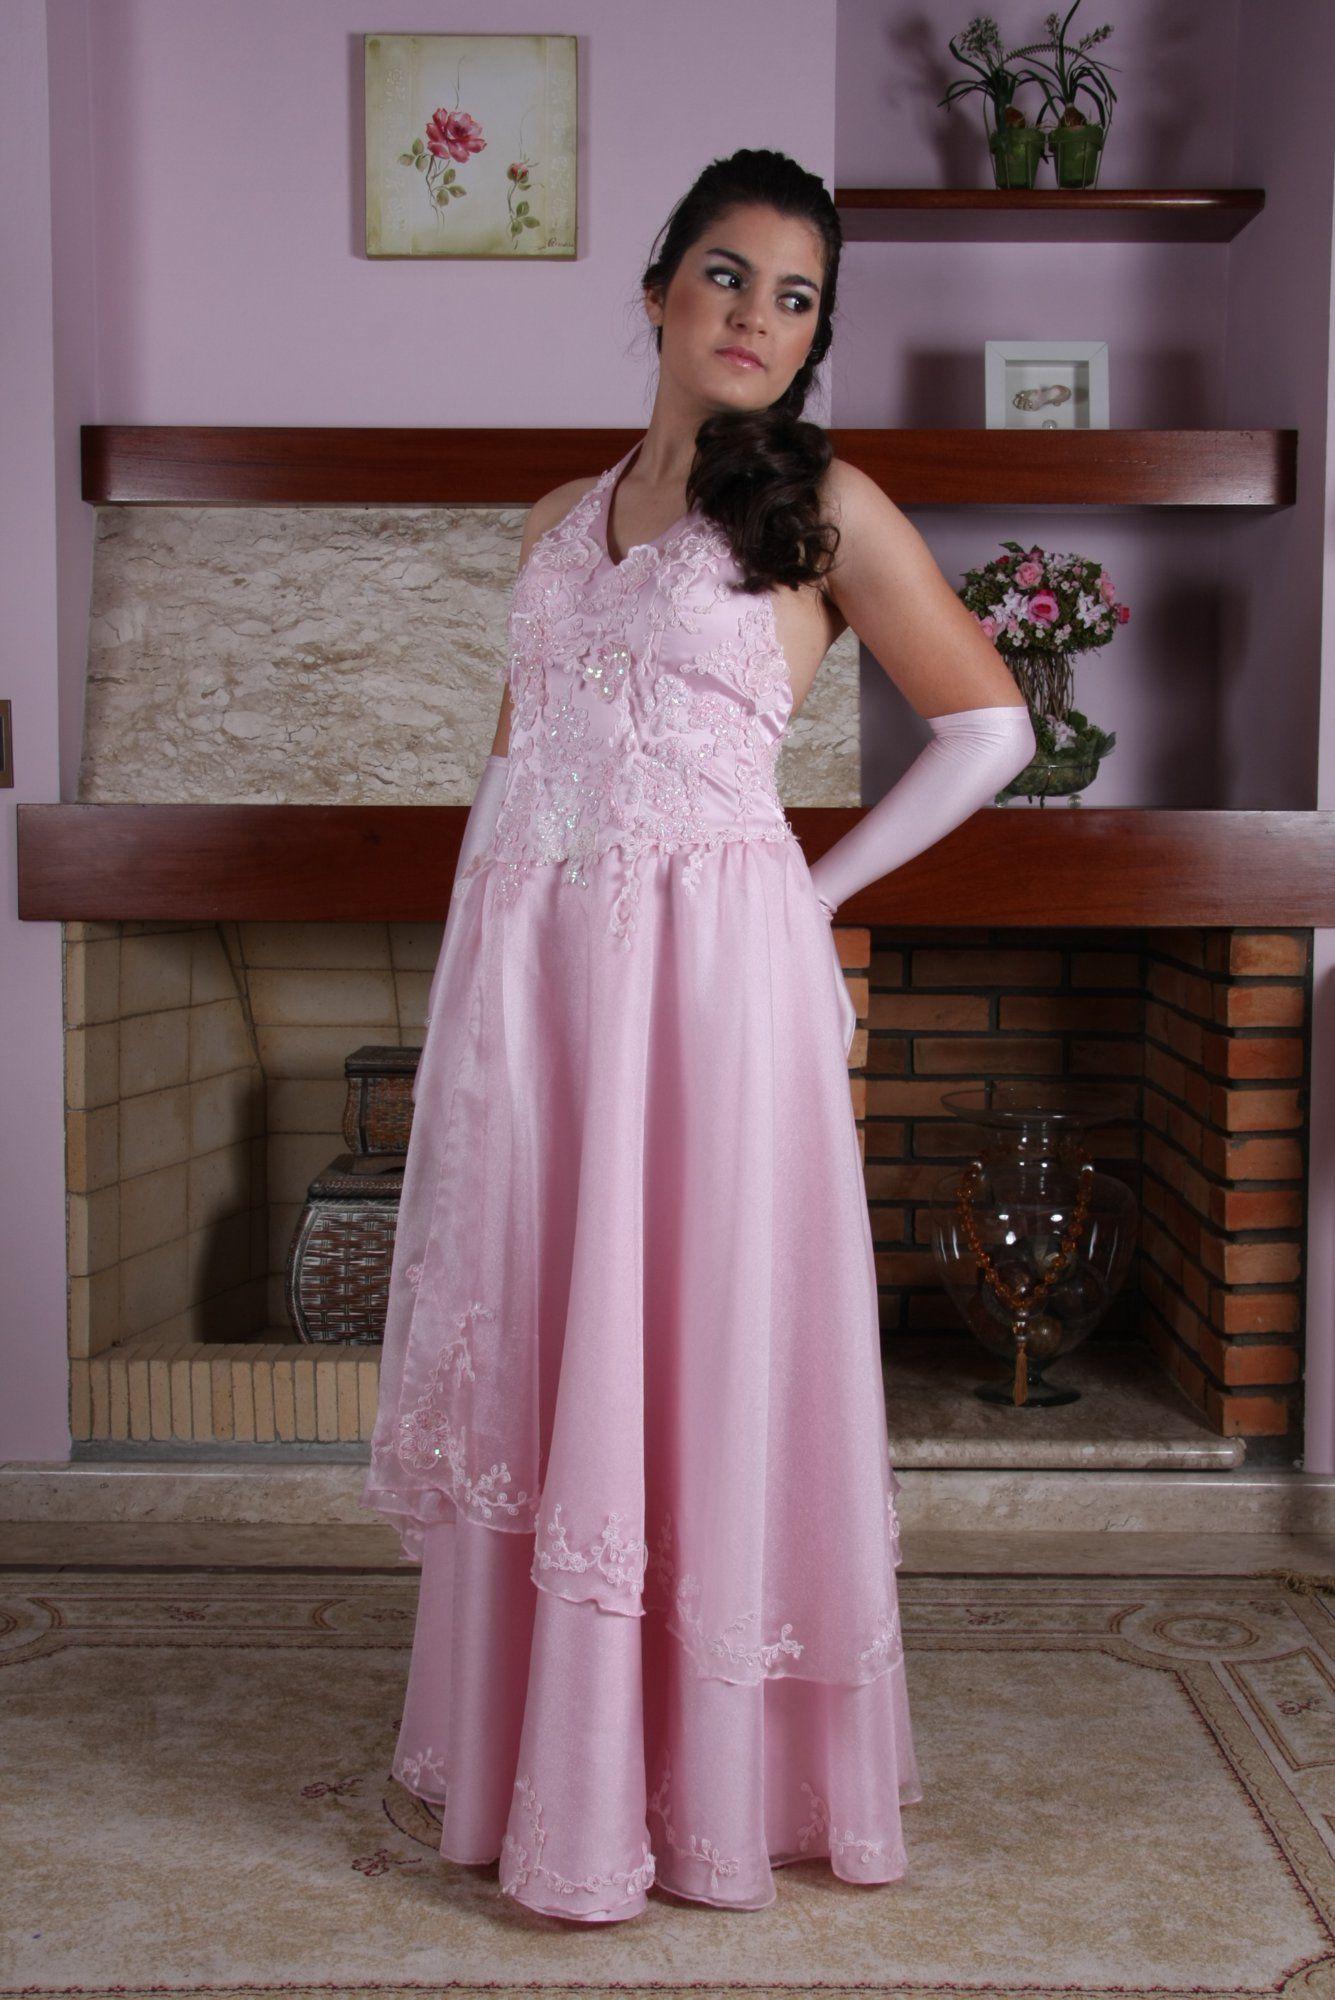 Vestido de Debutante Rosa - 27 - Hipnose Alta Costura e Spa para Noivas e Noivos - Campinas - SP Vestido de Debutante, Vestido de Debutante Rosa, Hipnose Alta Costura